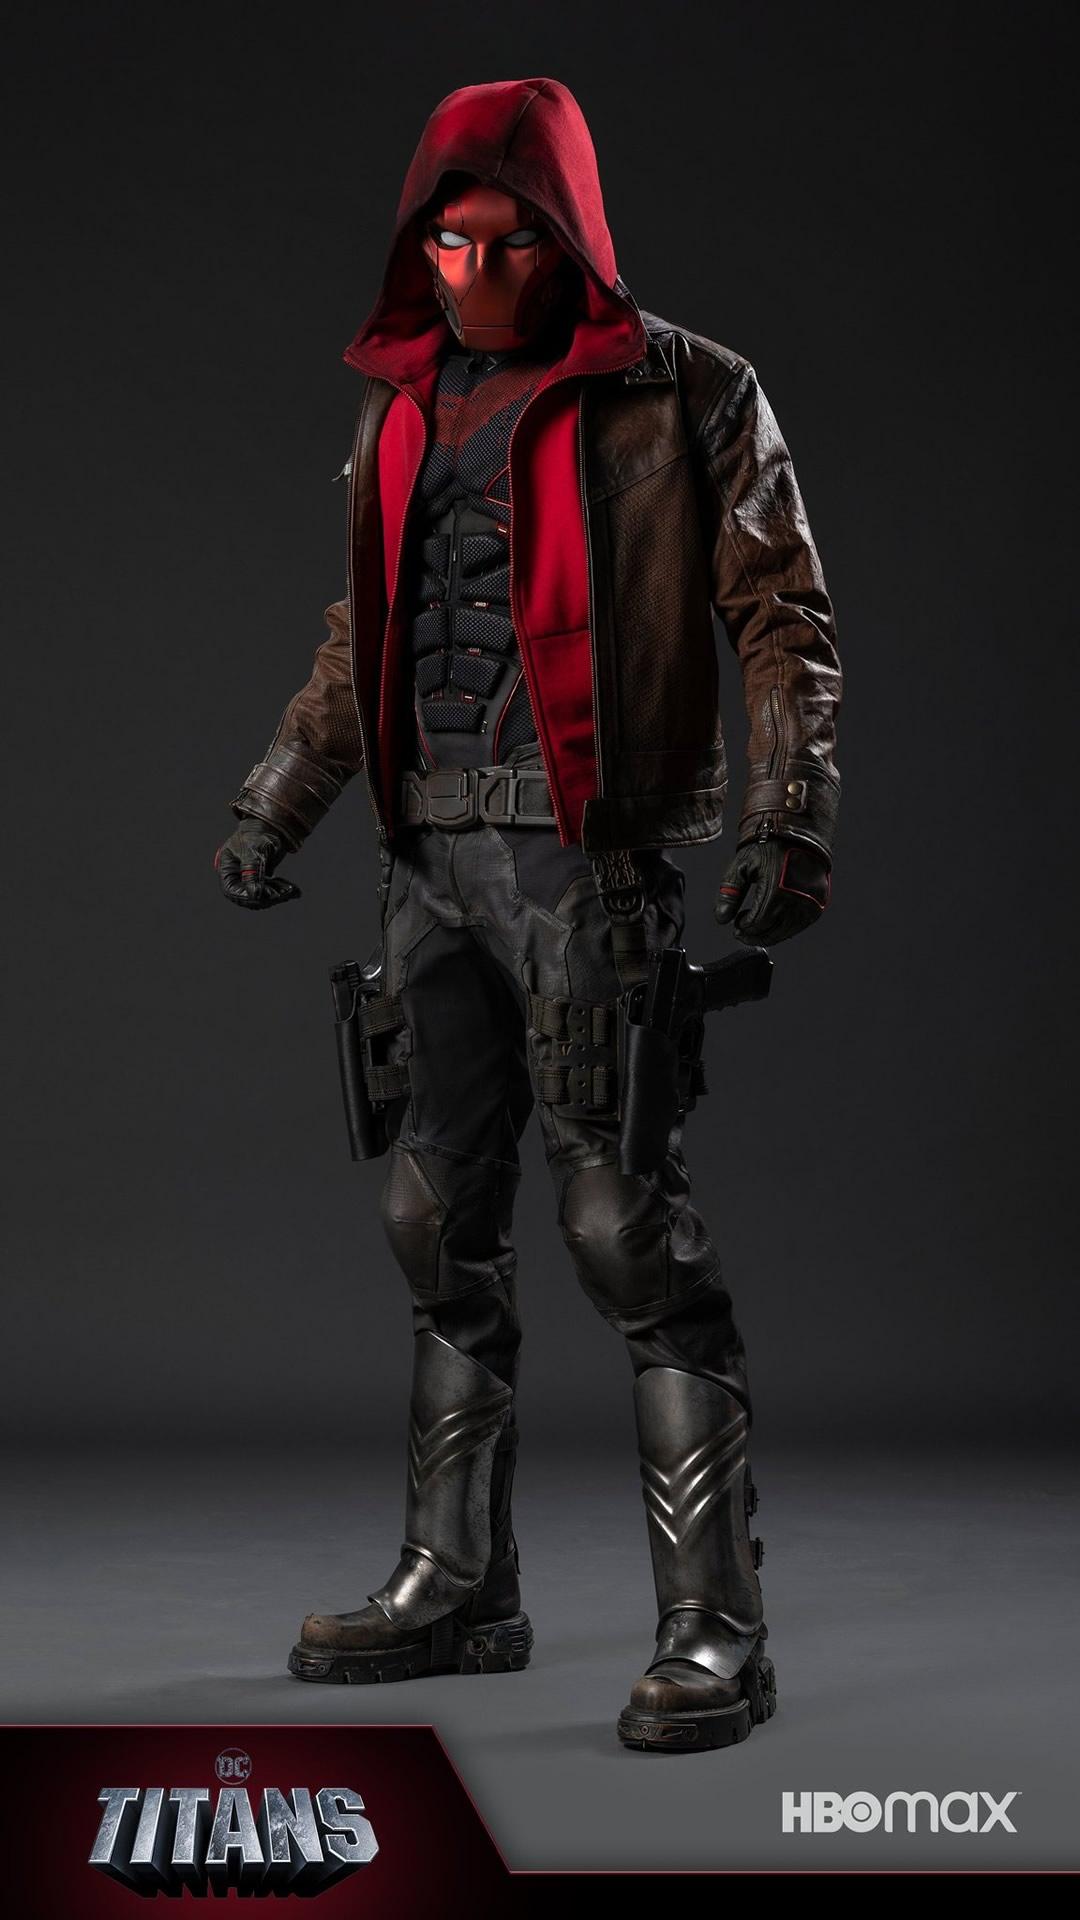 revelada visual de capuz vermelho terceira temporada de titans - Revelado o visual do Capuz Vermelho para terceira temporada de Titans